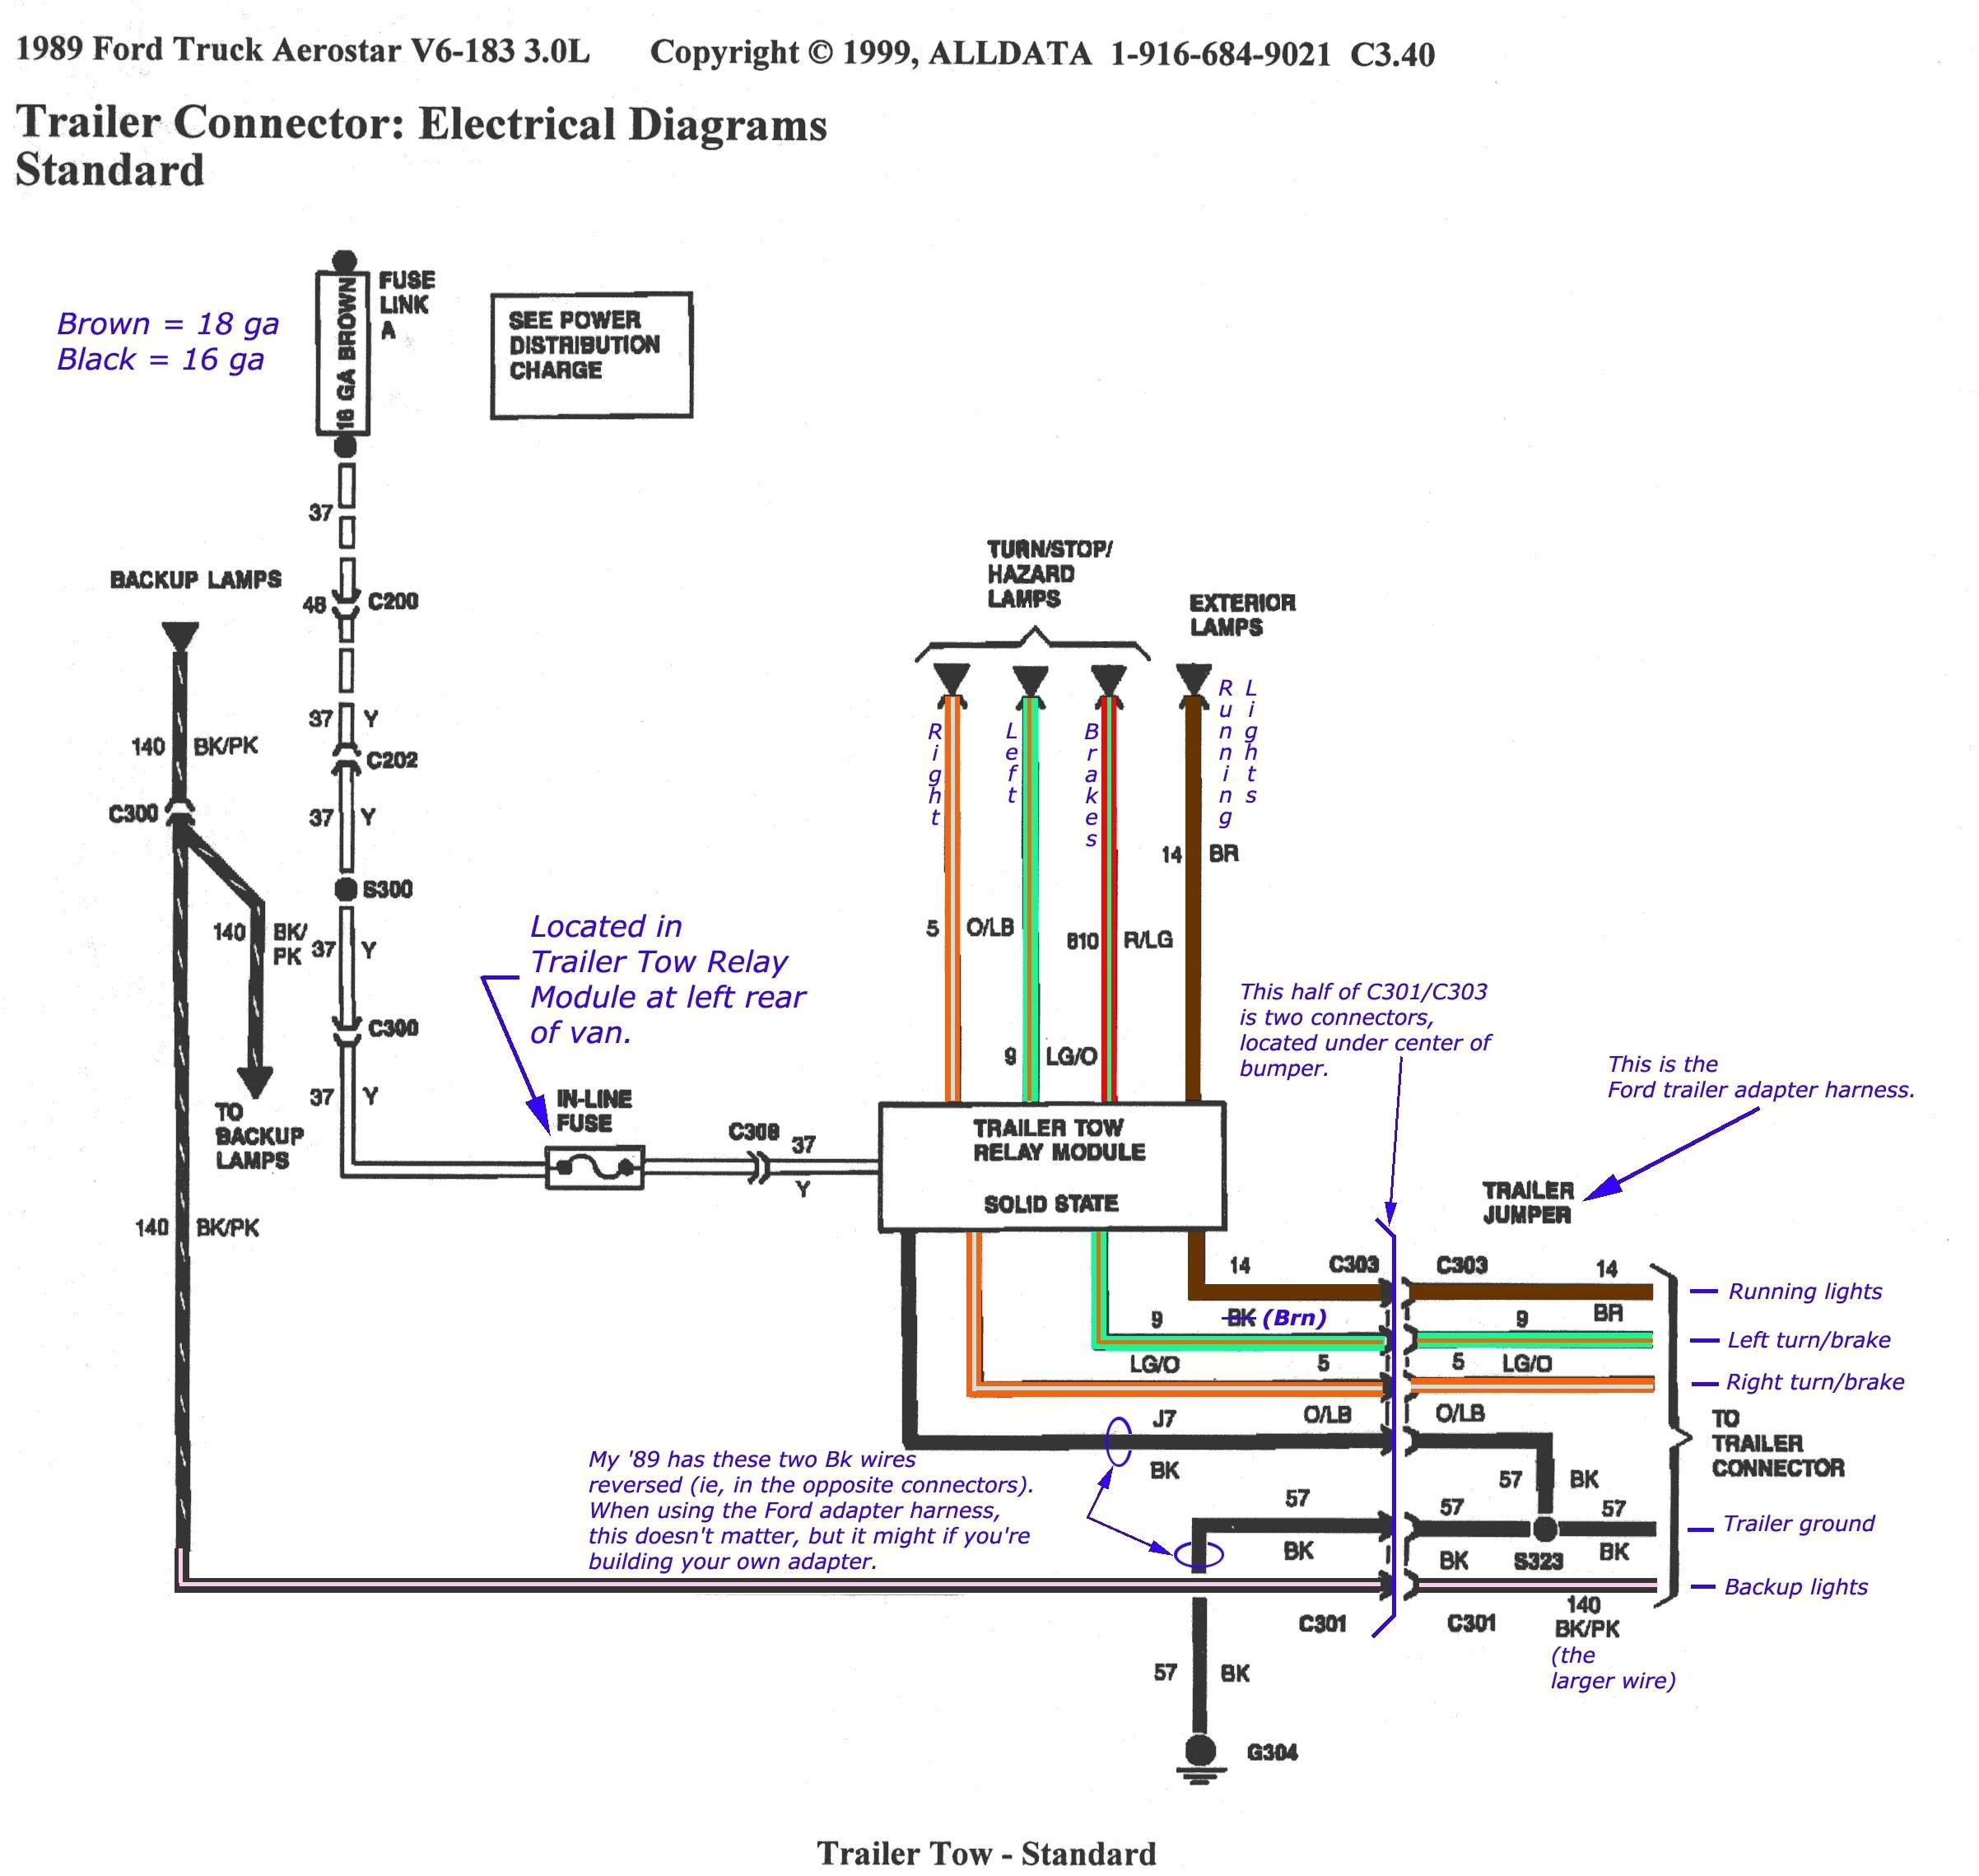 wiring diagram 2002 f150 rear end use wiring diagram wiring diagram 2002 f150 rear end